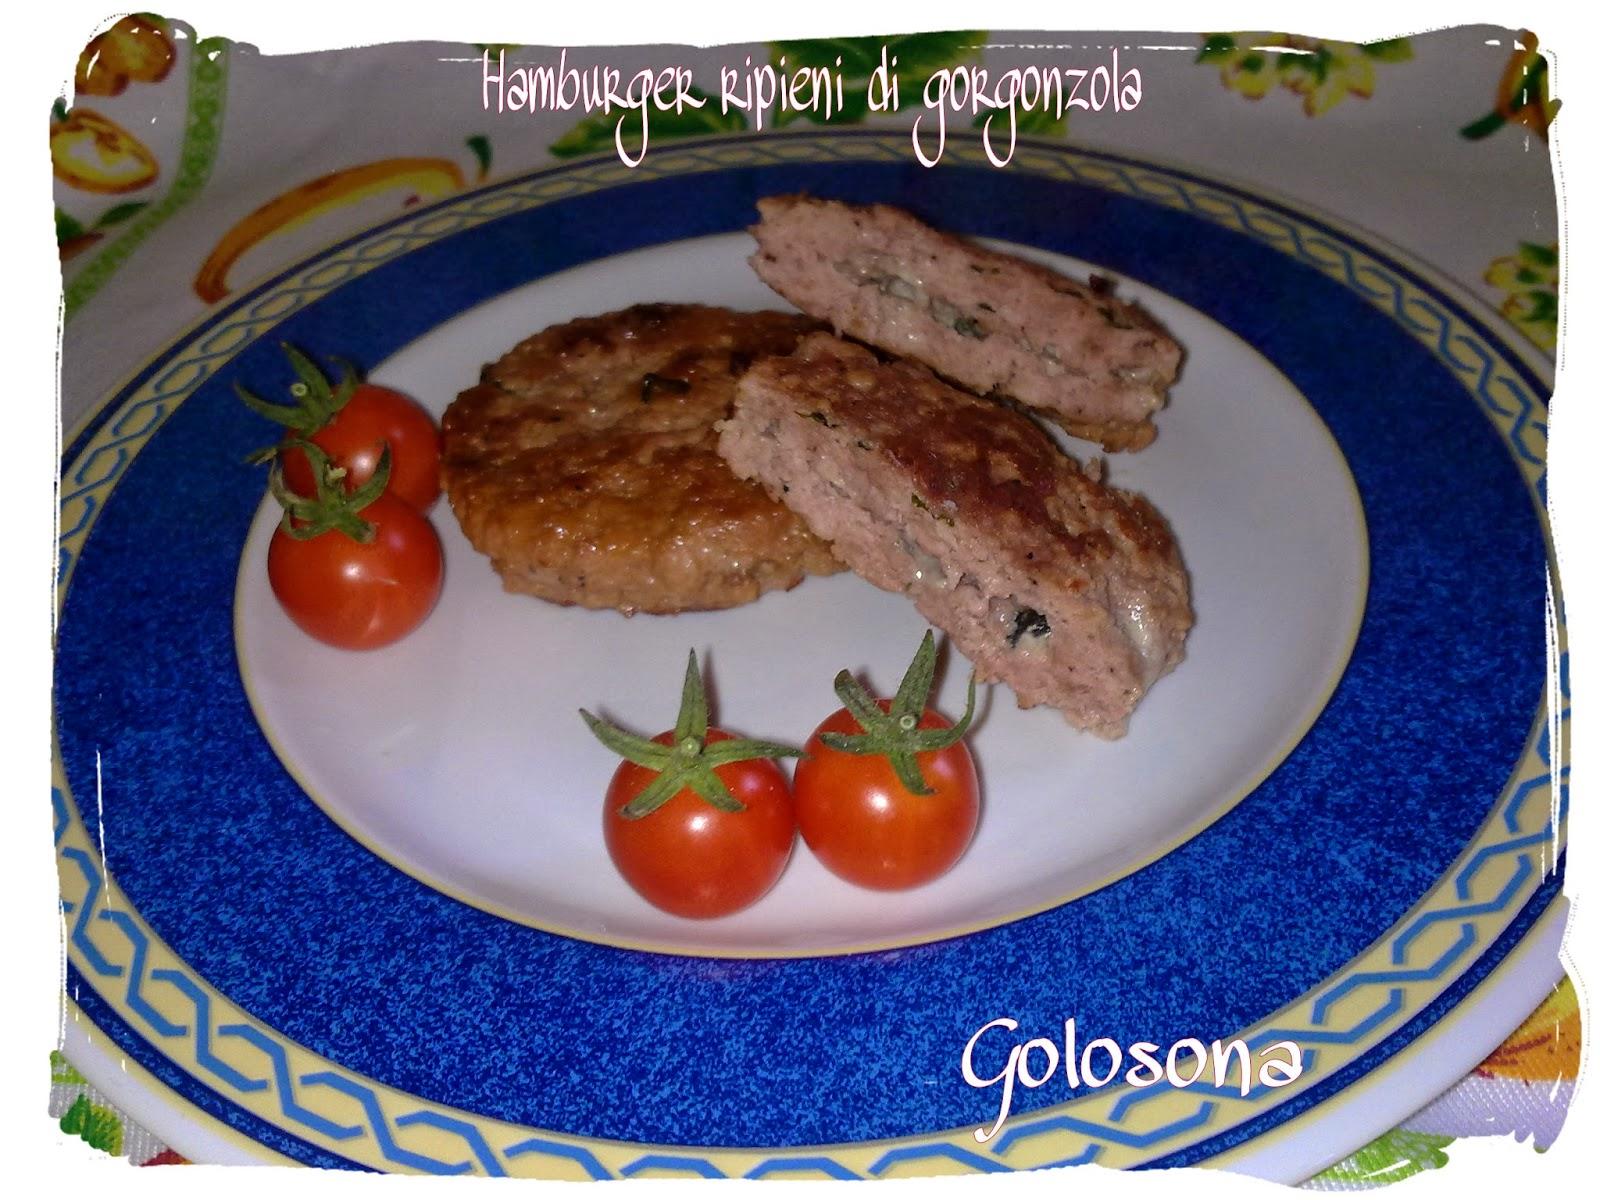 hamburger ripieni di gorgonzola